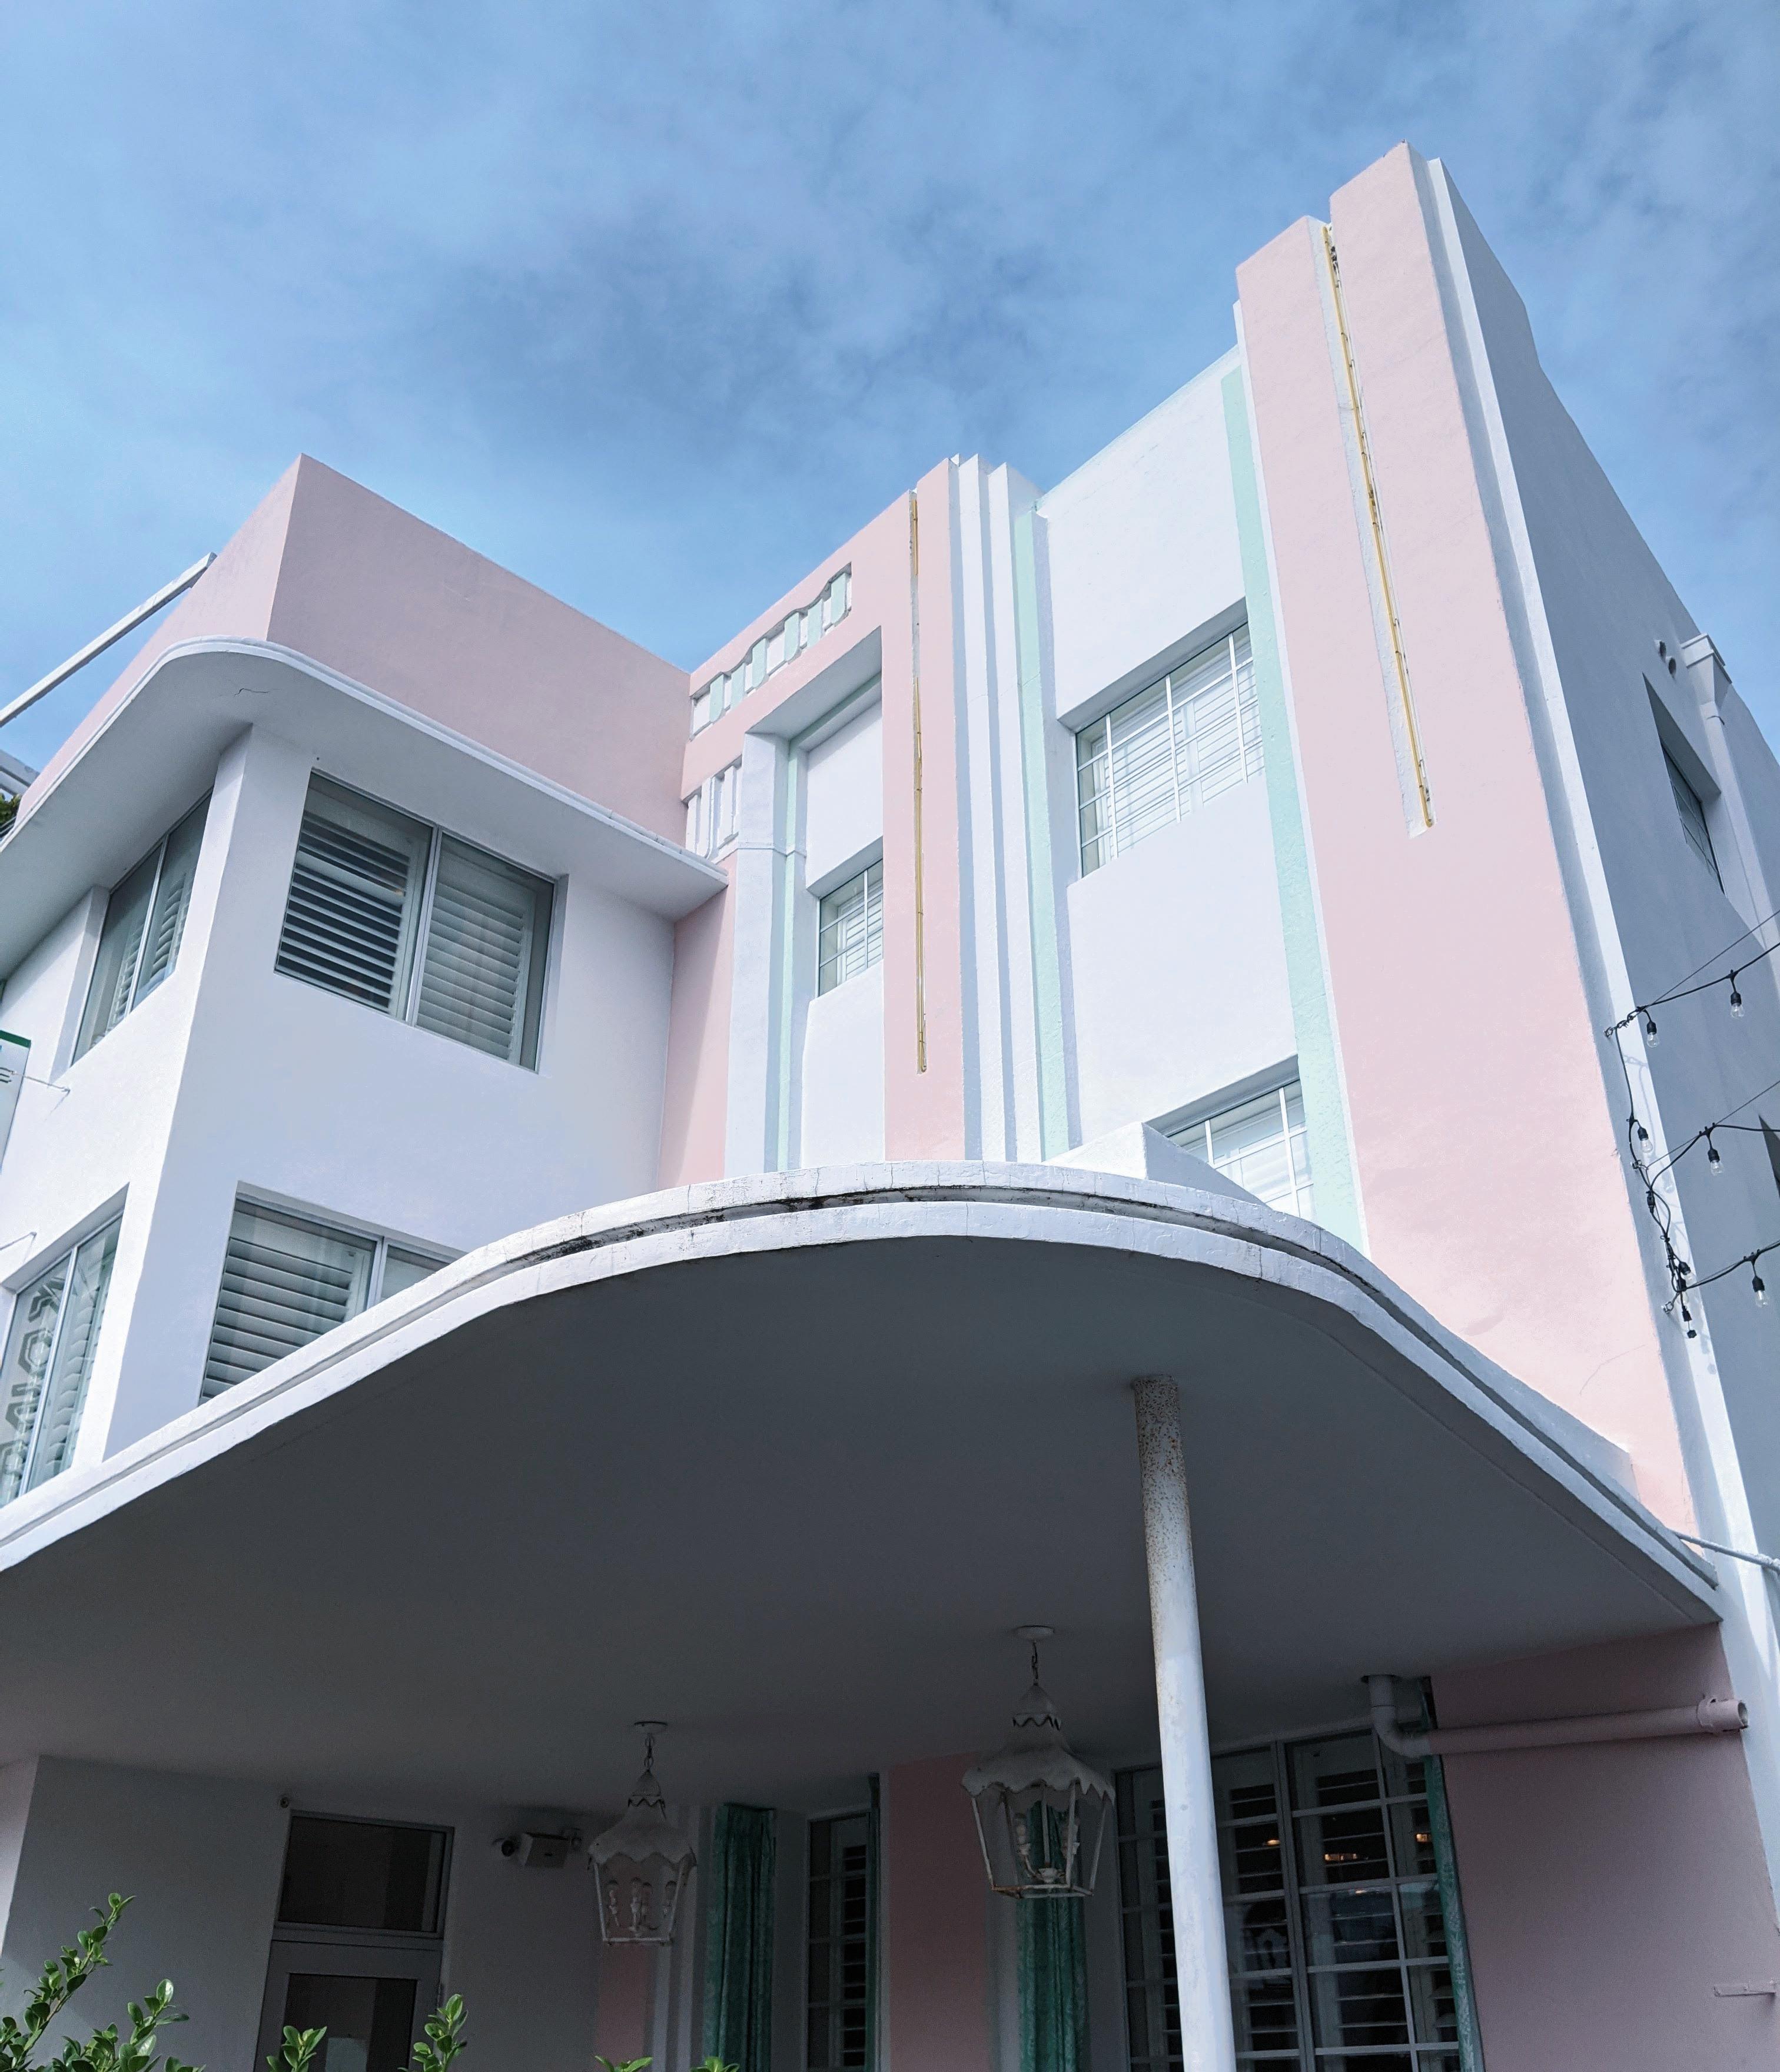 סאות' ביץ' מיאמי ארצות הברית אומנות אחרי קורונה